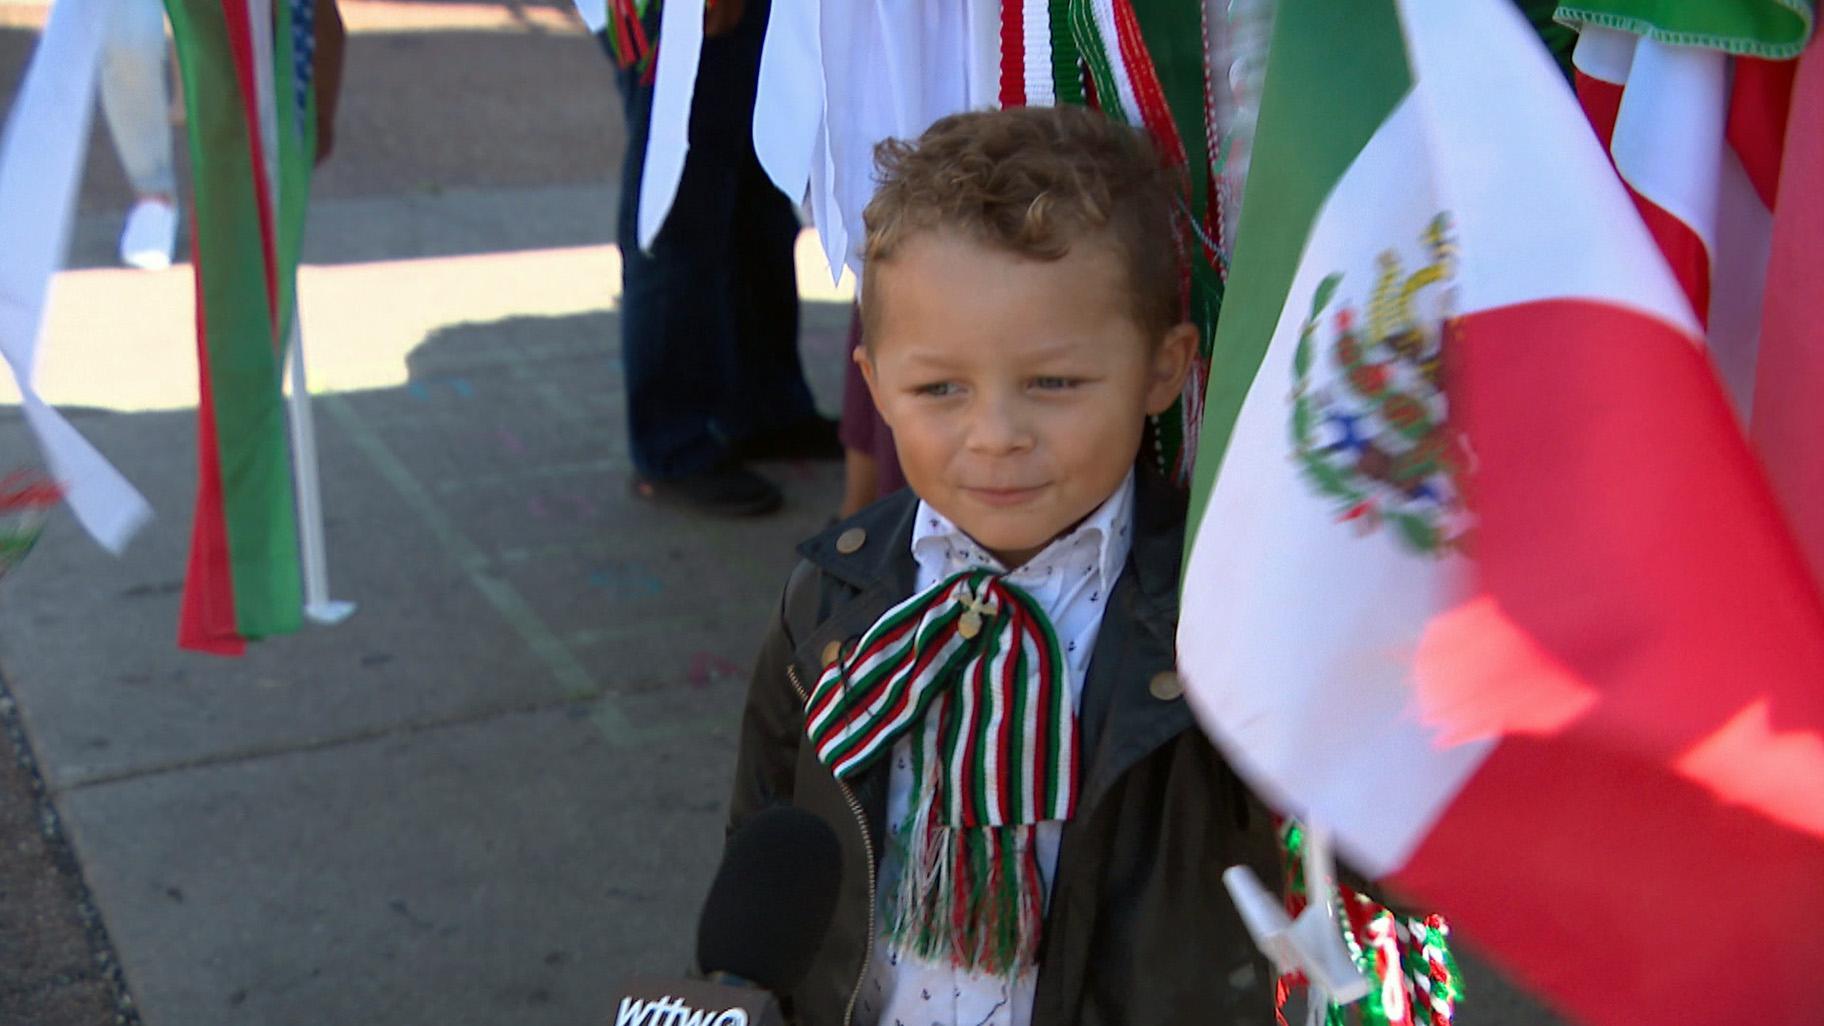 La vibrante comunidad de La Villita estaba repleta de orgullo mexicano mientras las celebraciones cobraron toda su fuerza por el Día de la Independencia de México.  (Noticias de WTTW)